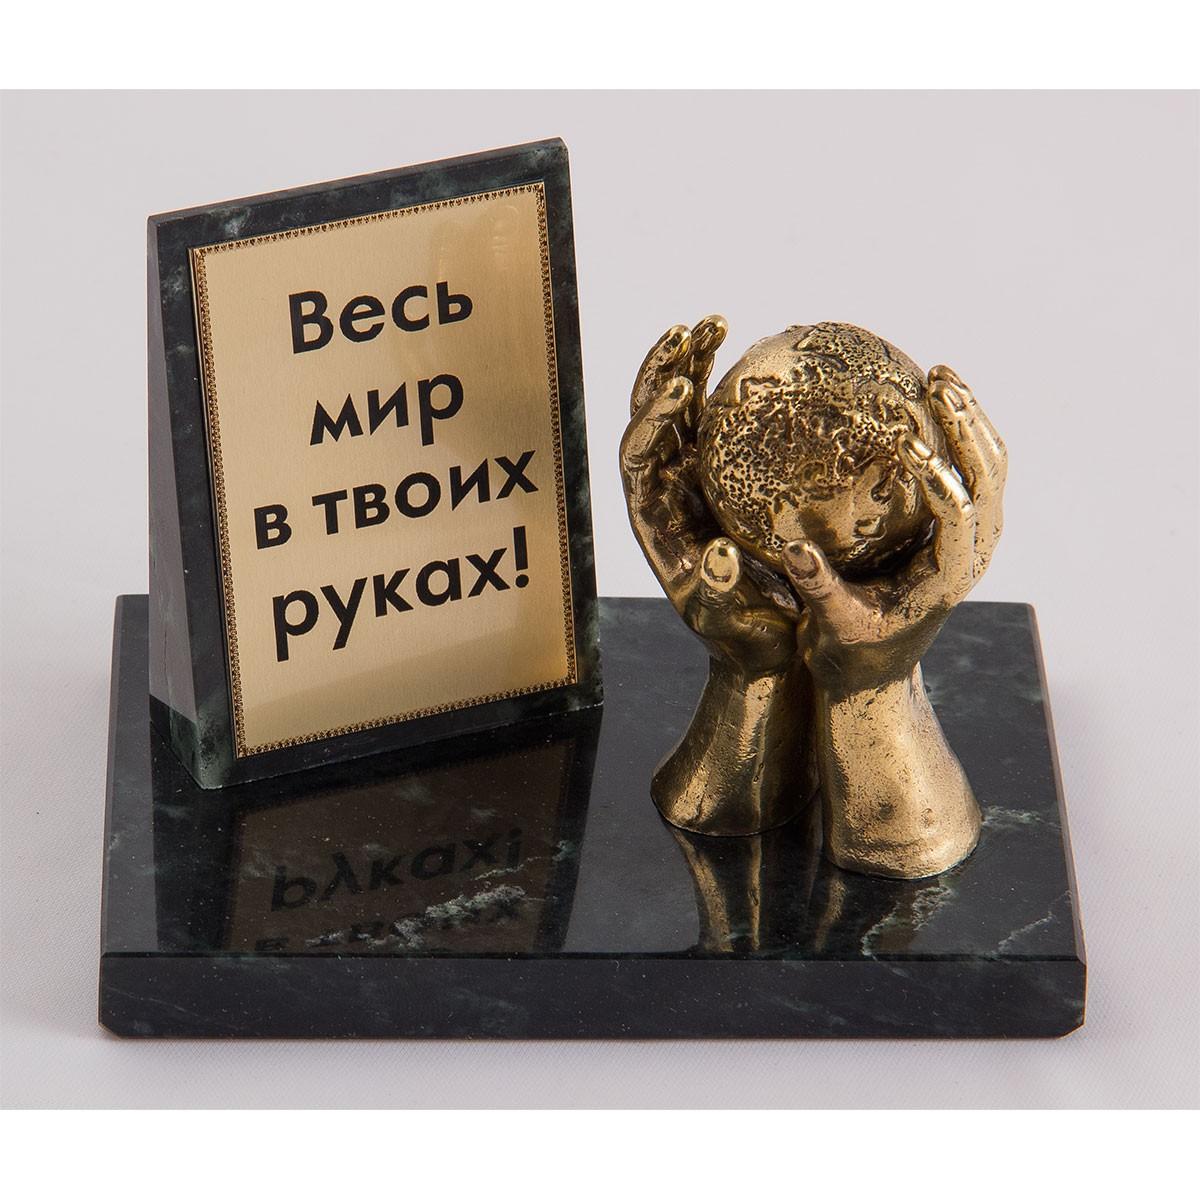 Фигурка на камне «Весь мир в твоих руках»